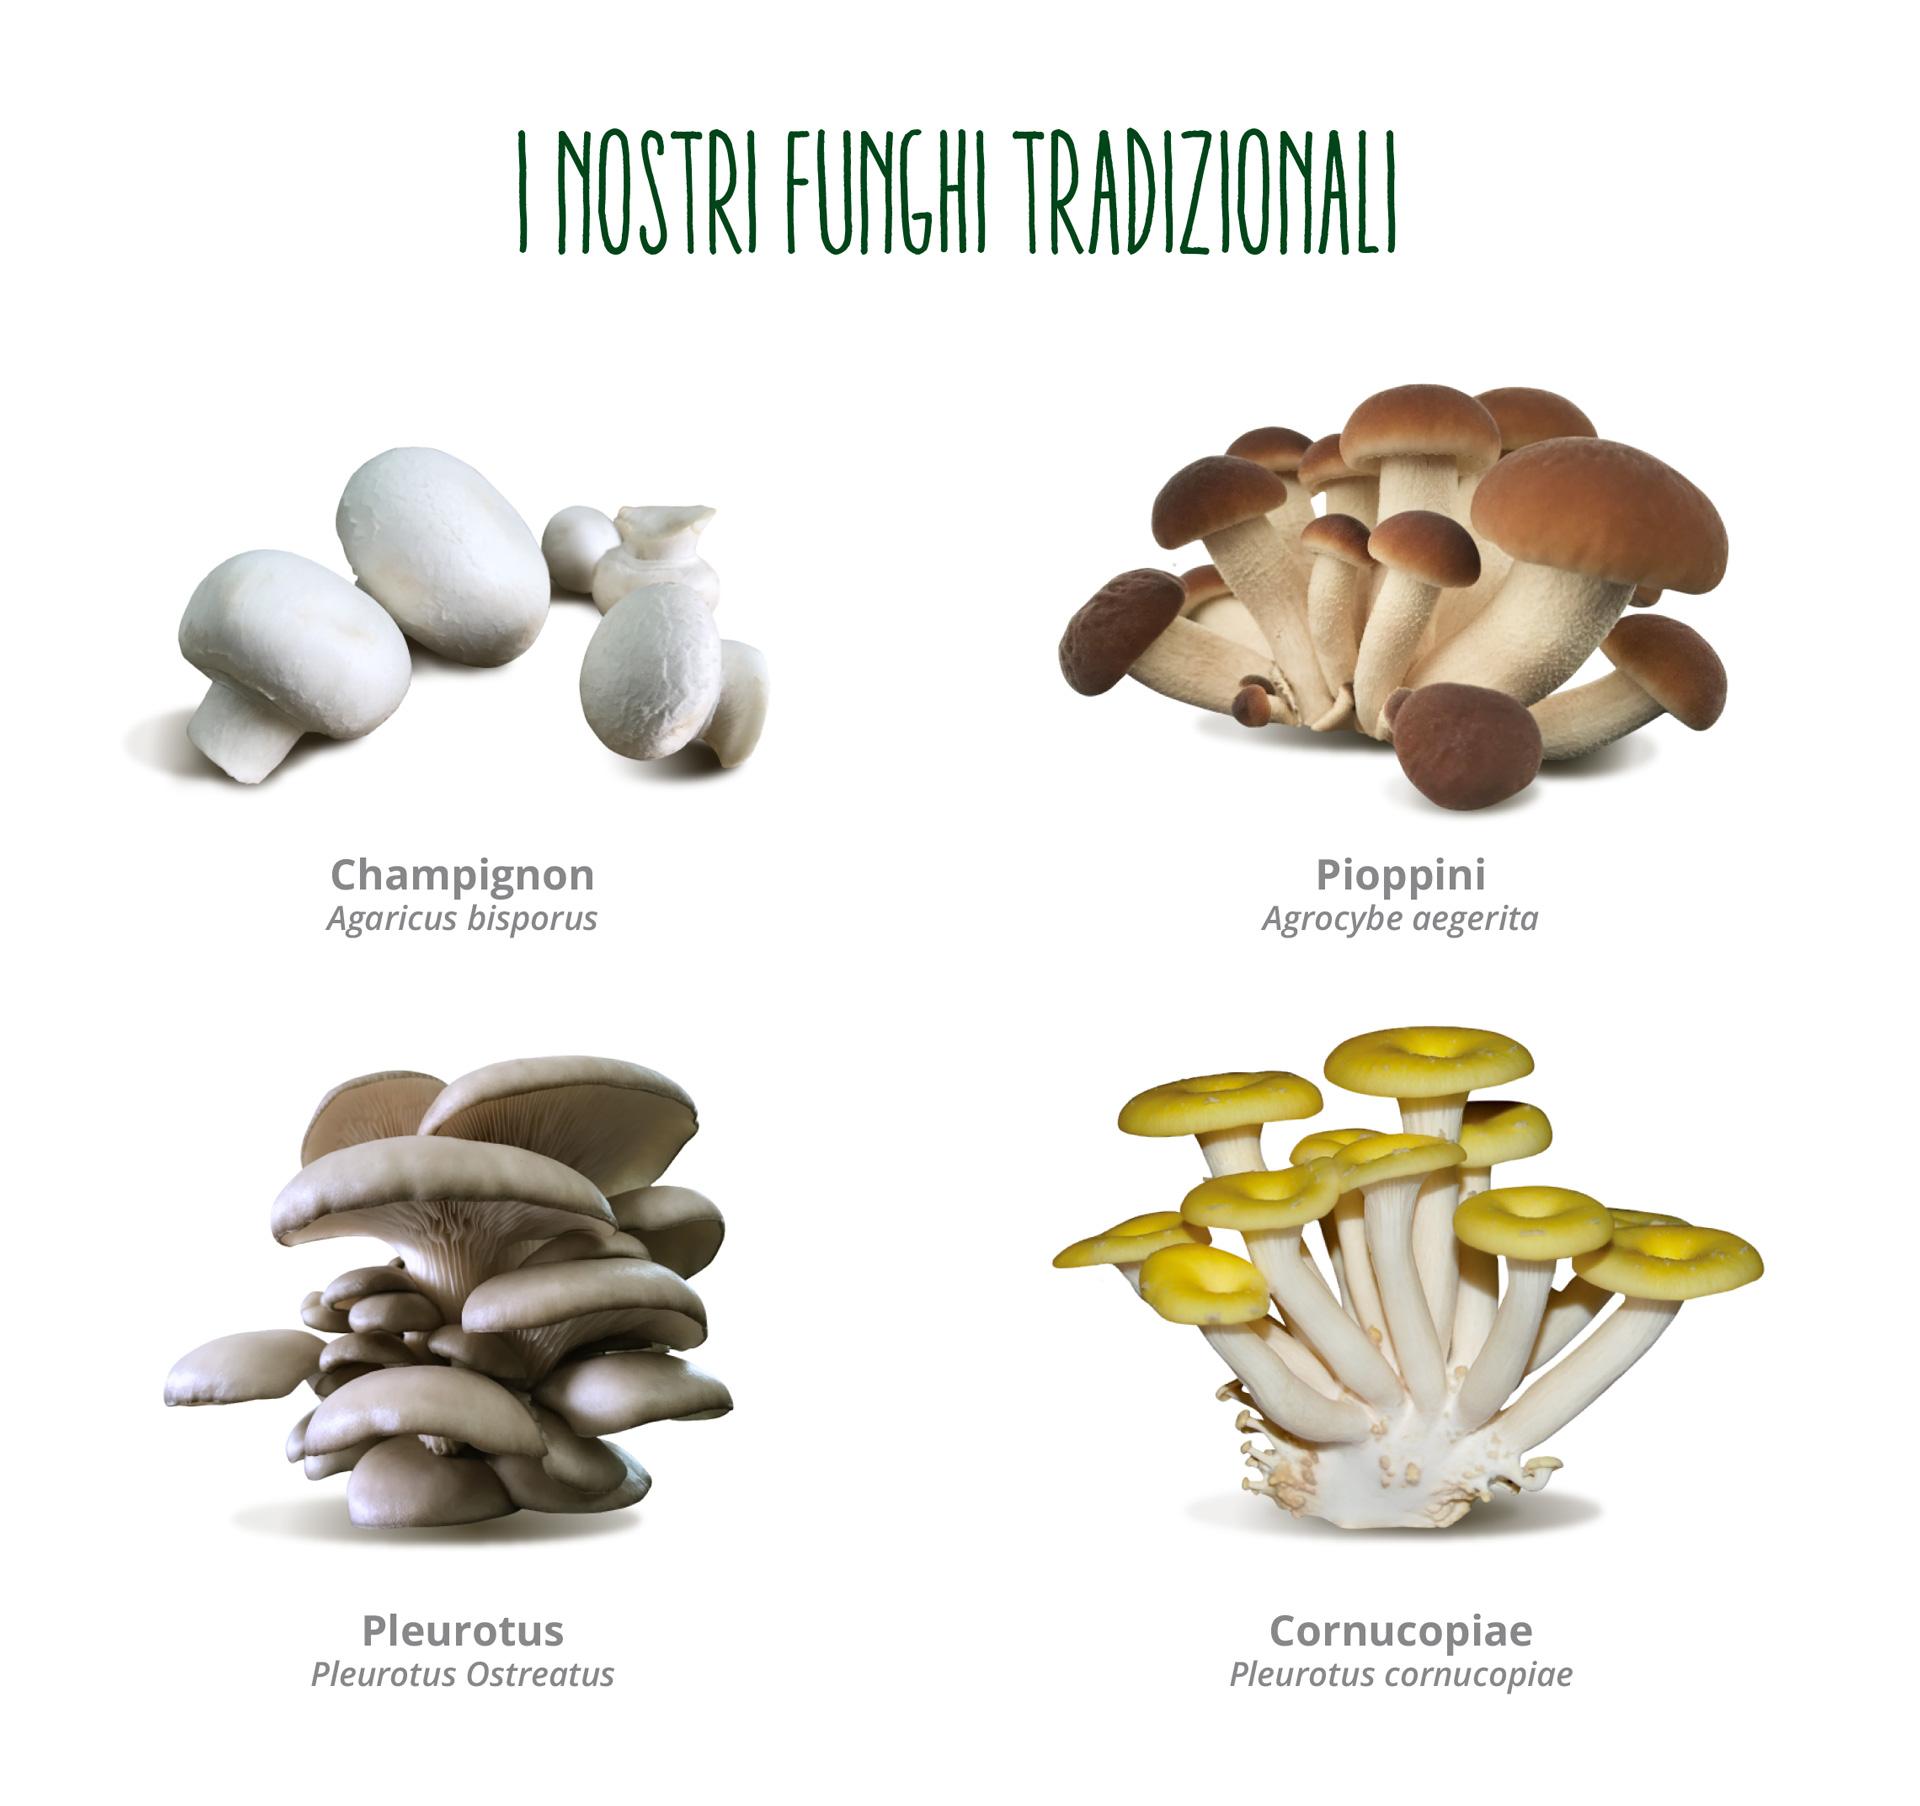 I funghi tradizionali di O.P. Consorzio Funghi di Treviso